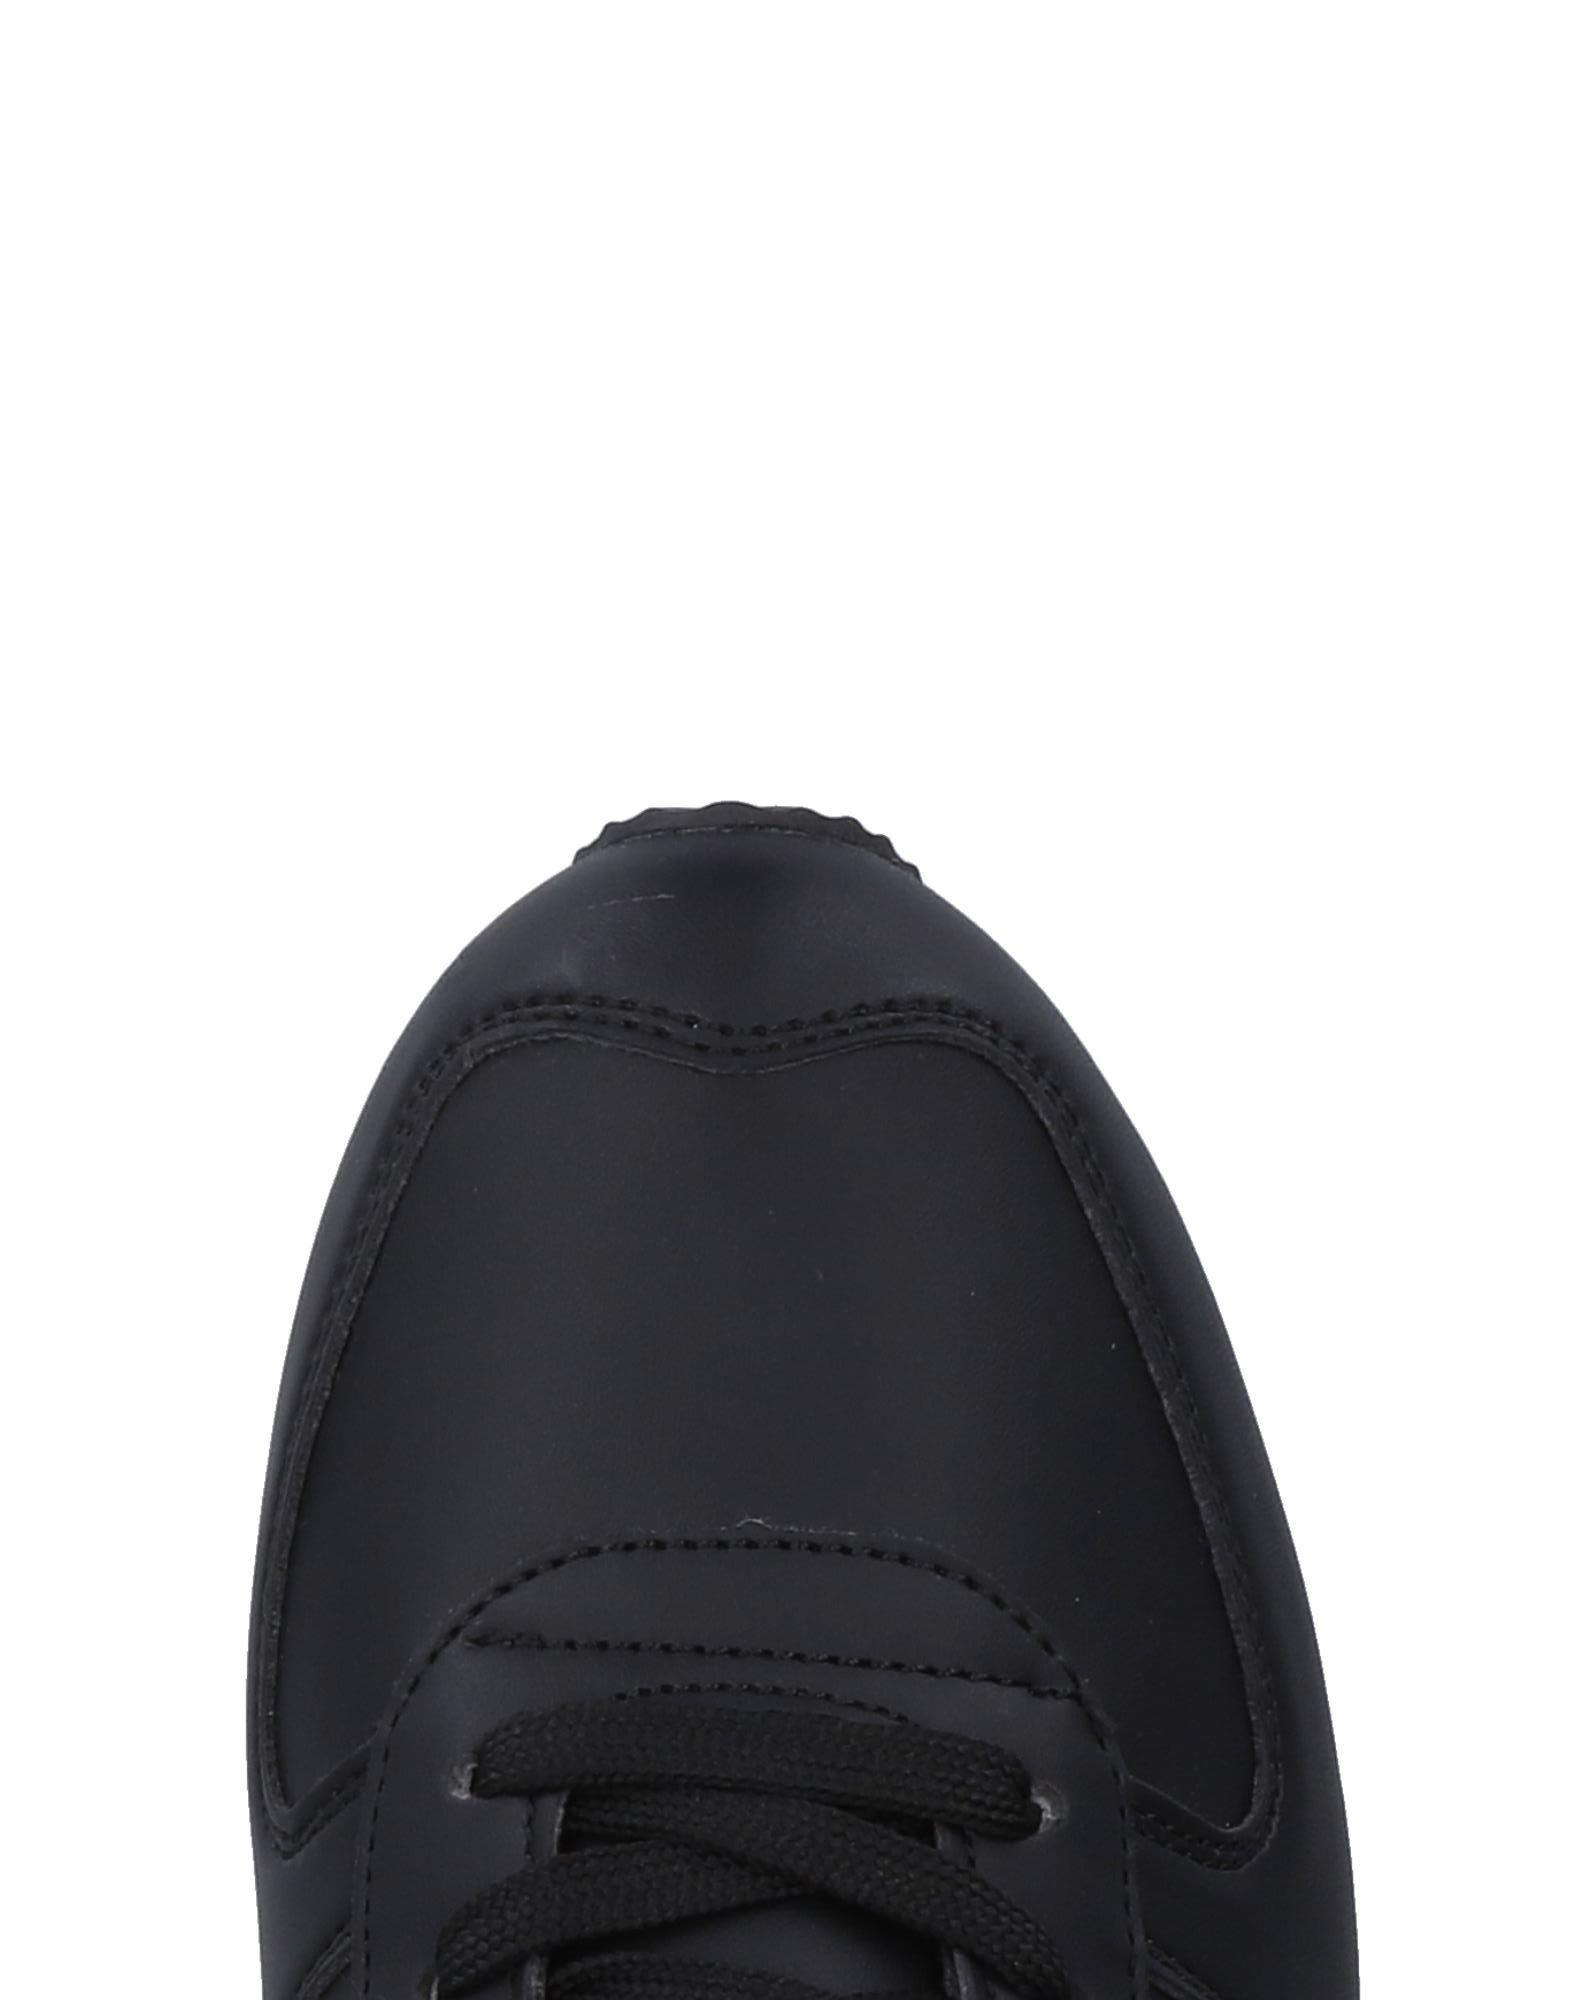 Versace Versace Versace Jeans Sneakers Herren Gutes Preis-Leistungs-Verhältnis, es lohnt sich dd4fe8